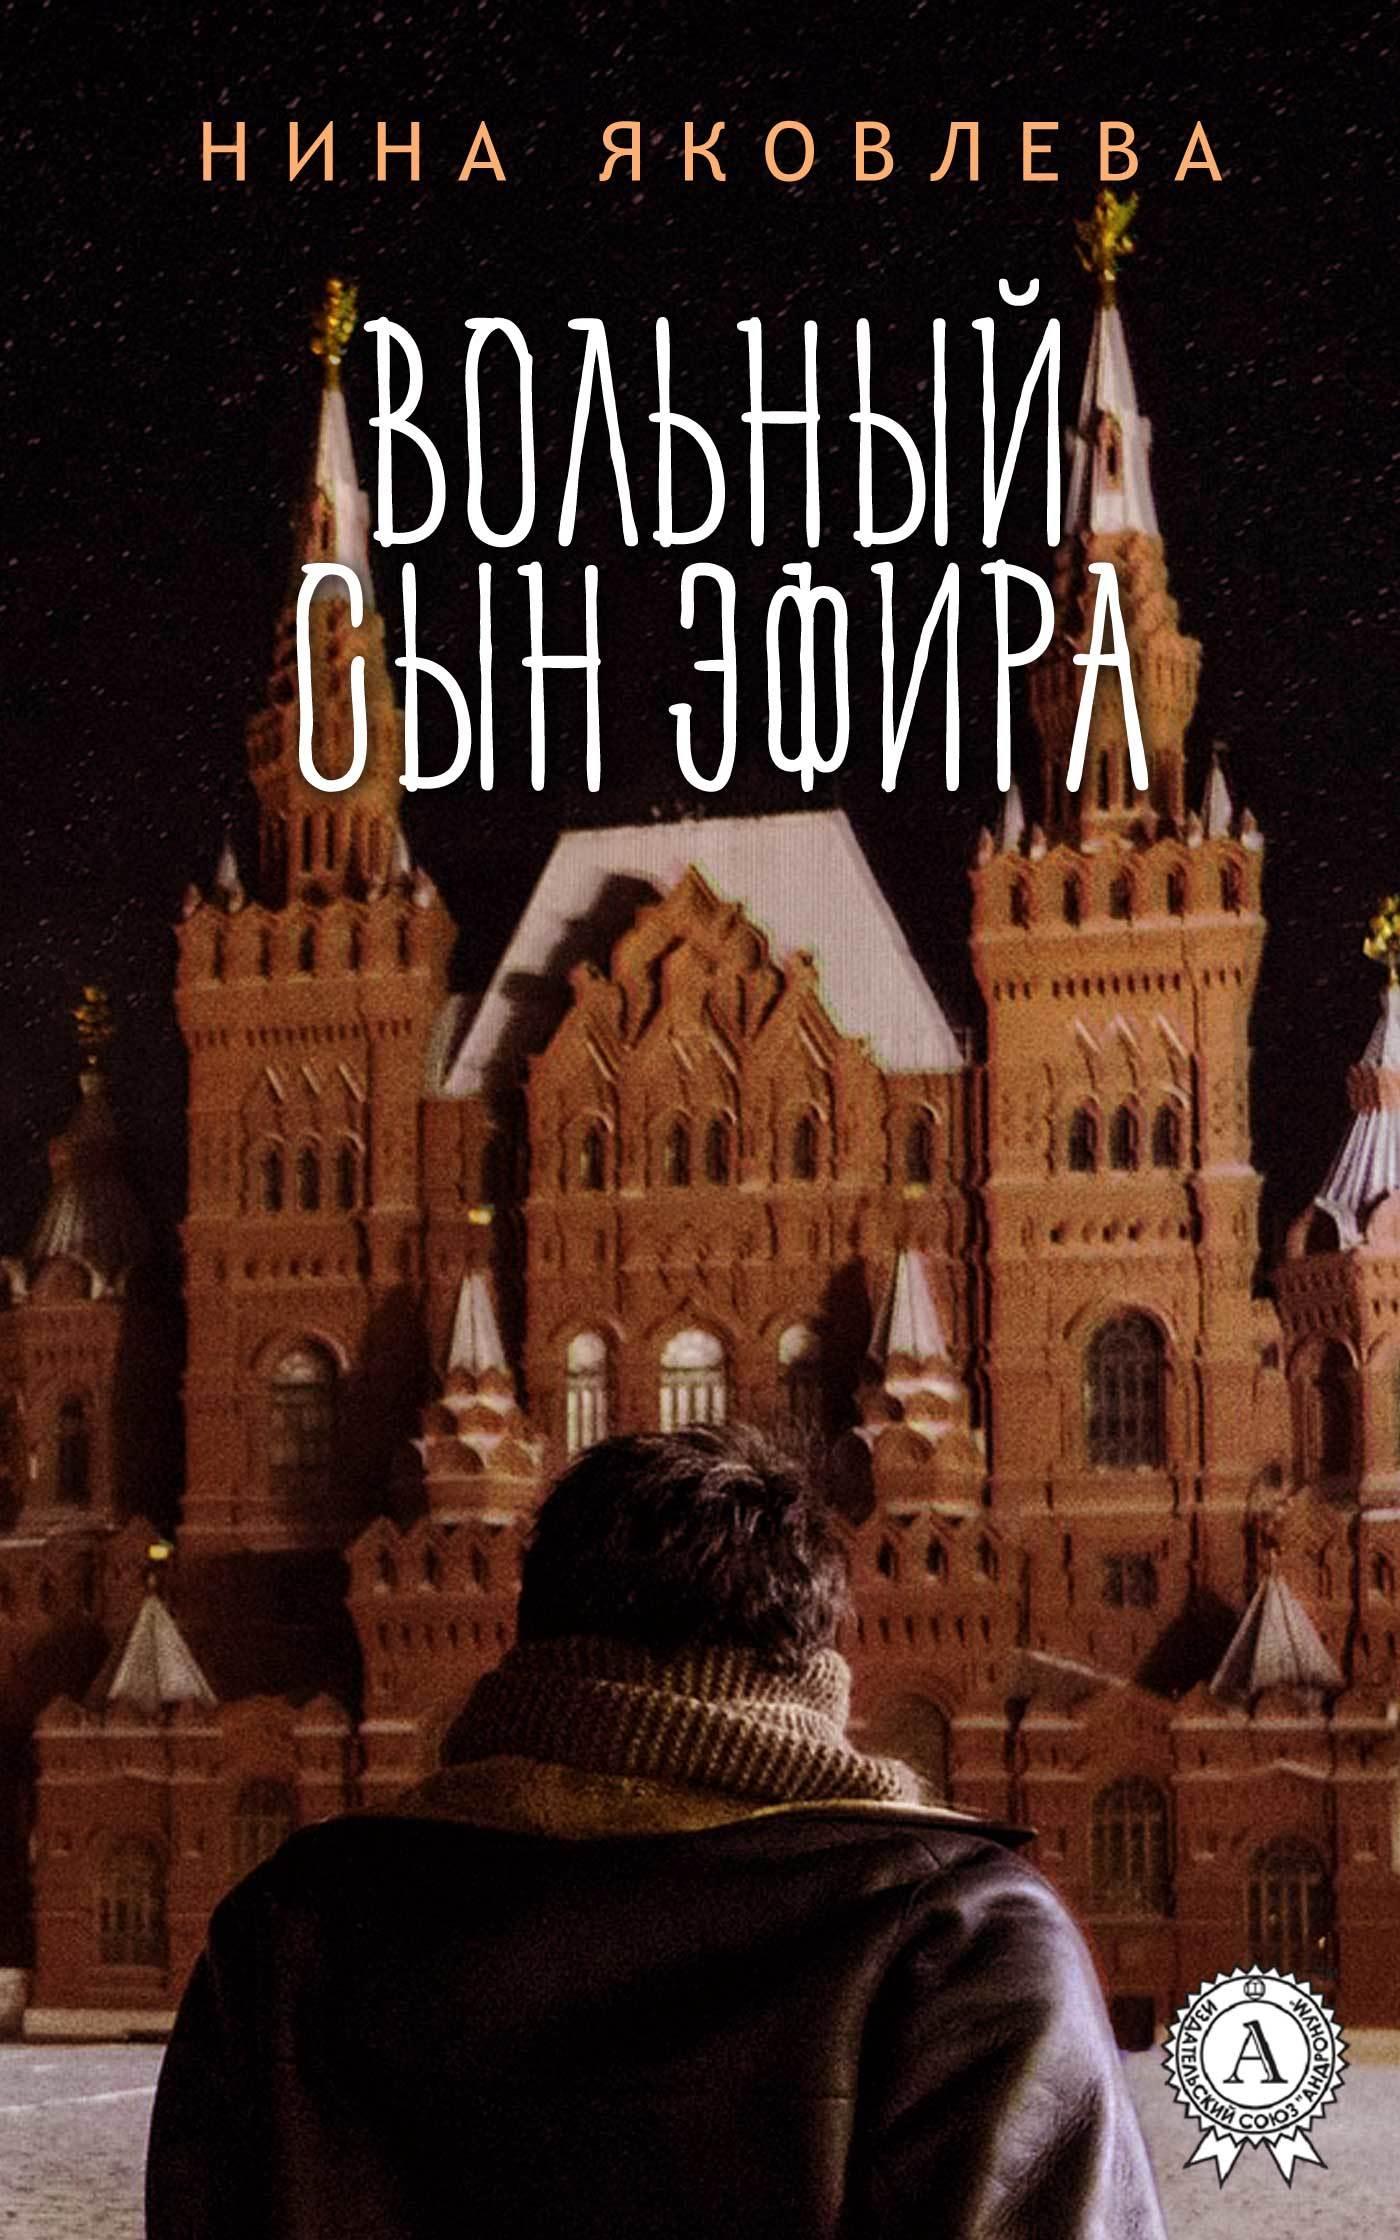 Нина Яковлева - Вольный сын эфира